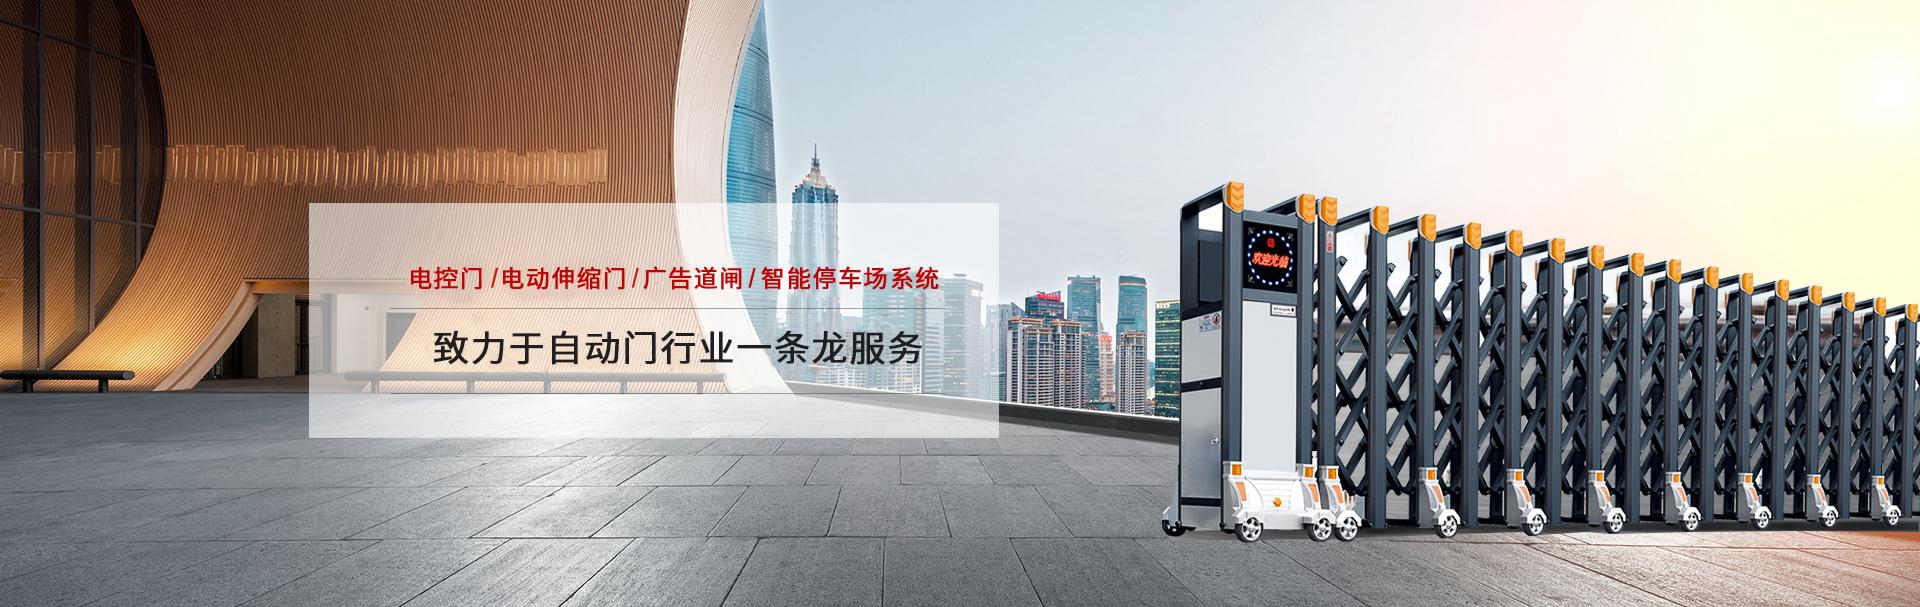 上海智能停车场系统